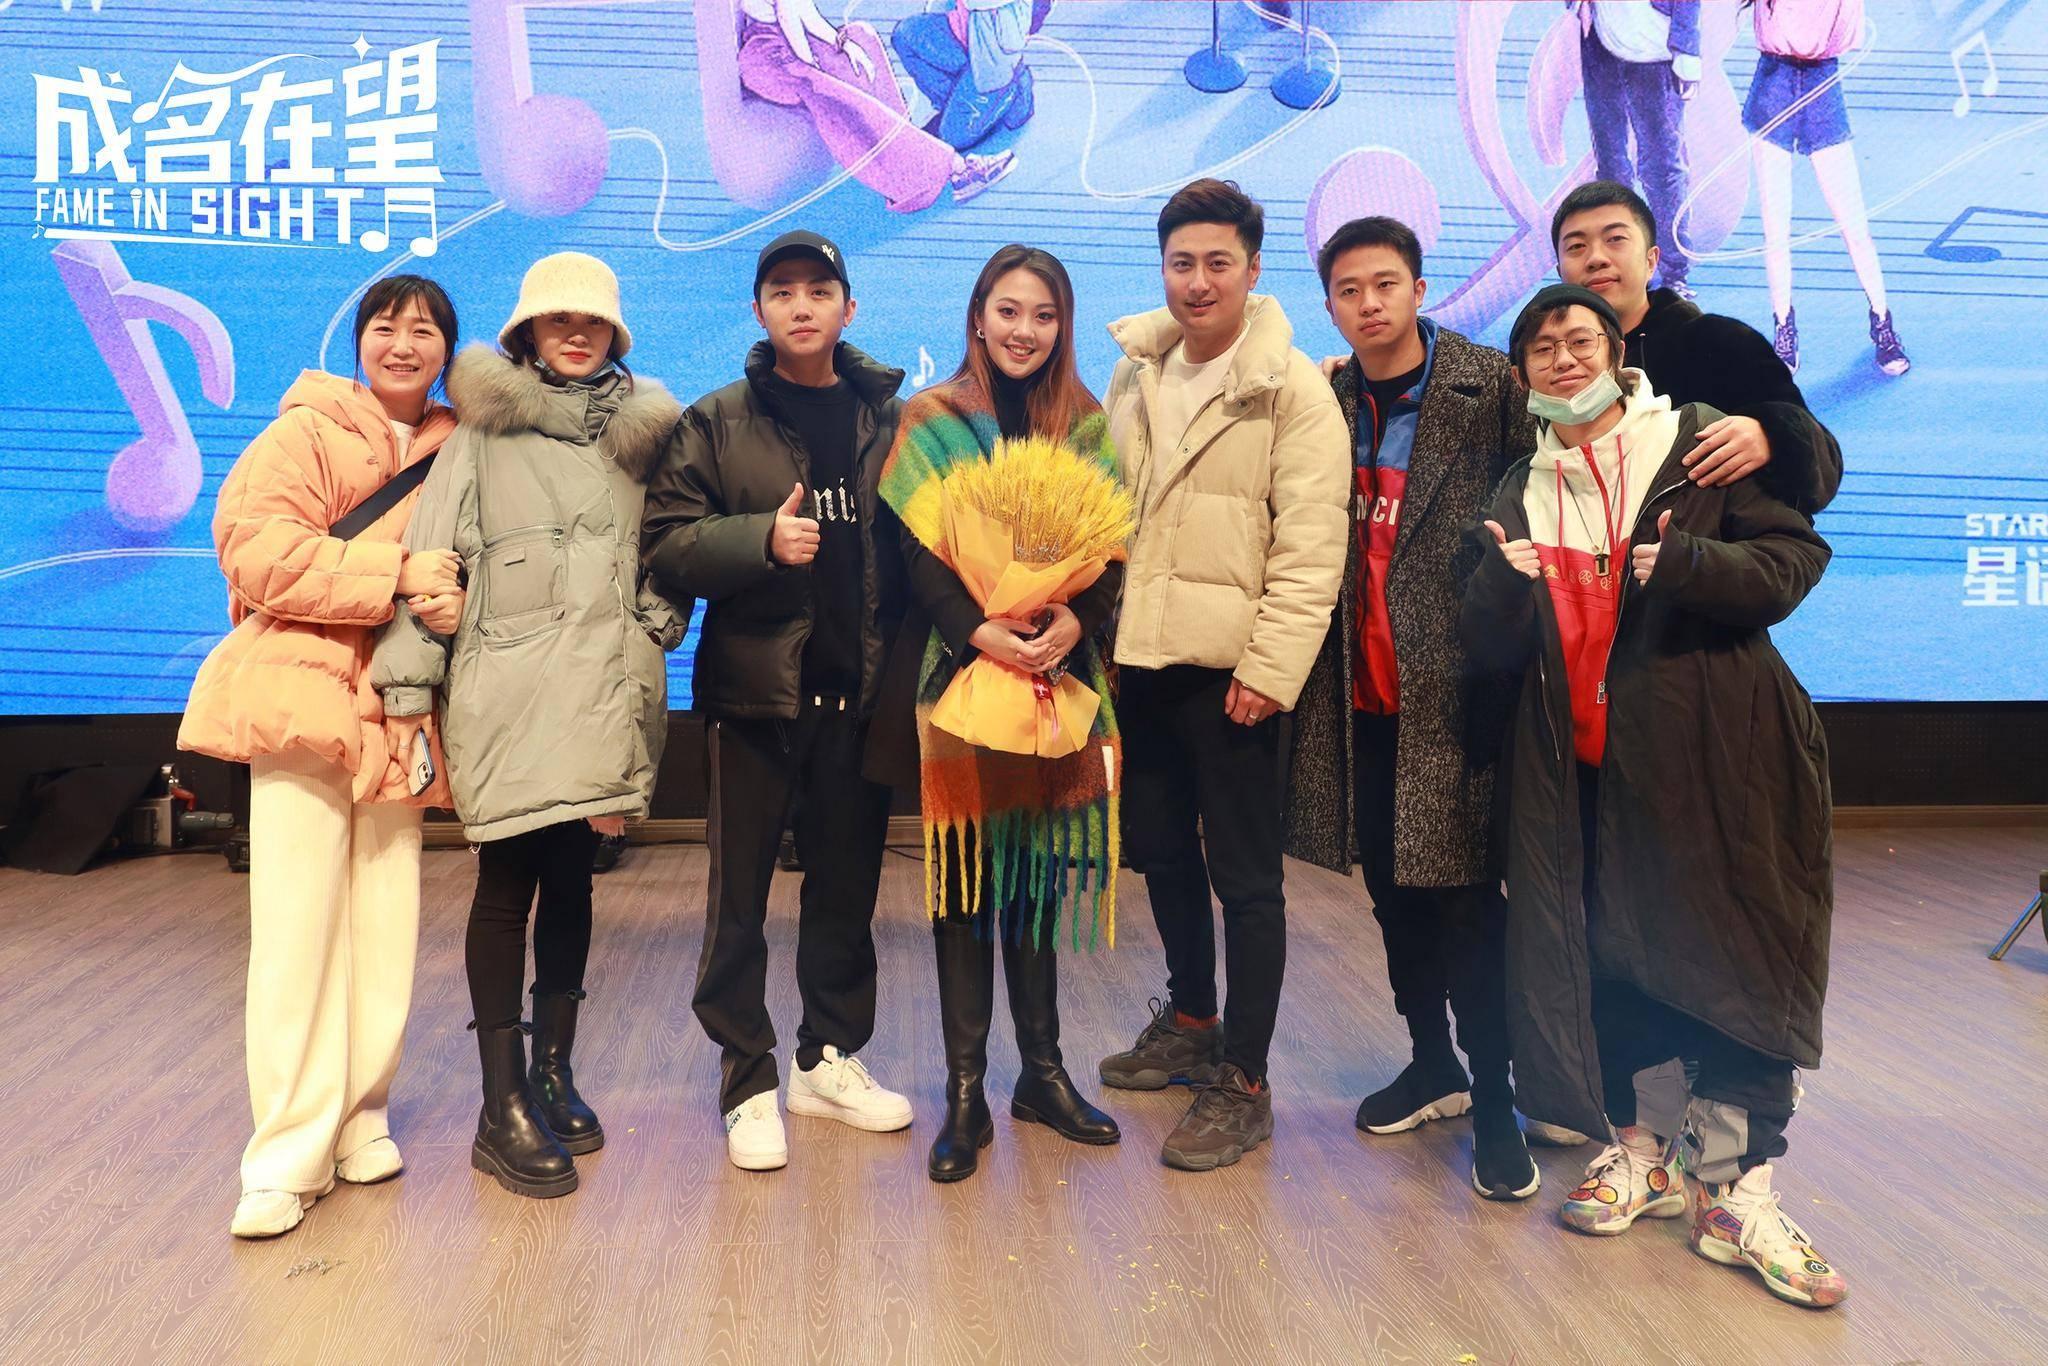 国内首部青春歌舞网剧《成名在望》顺利杀青  上演满满青春气息的追梦故事